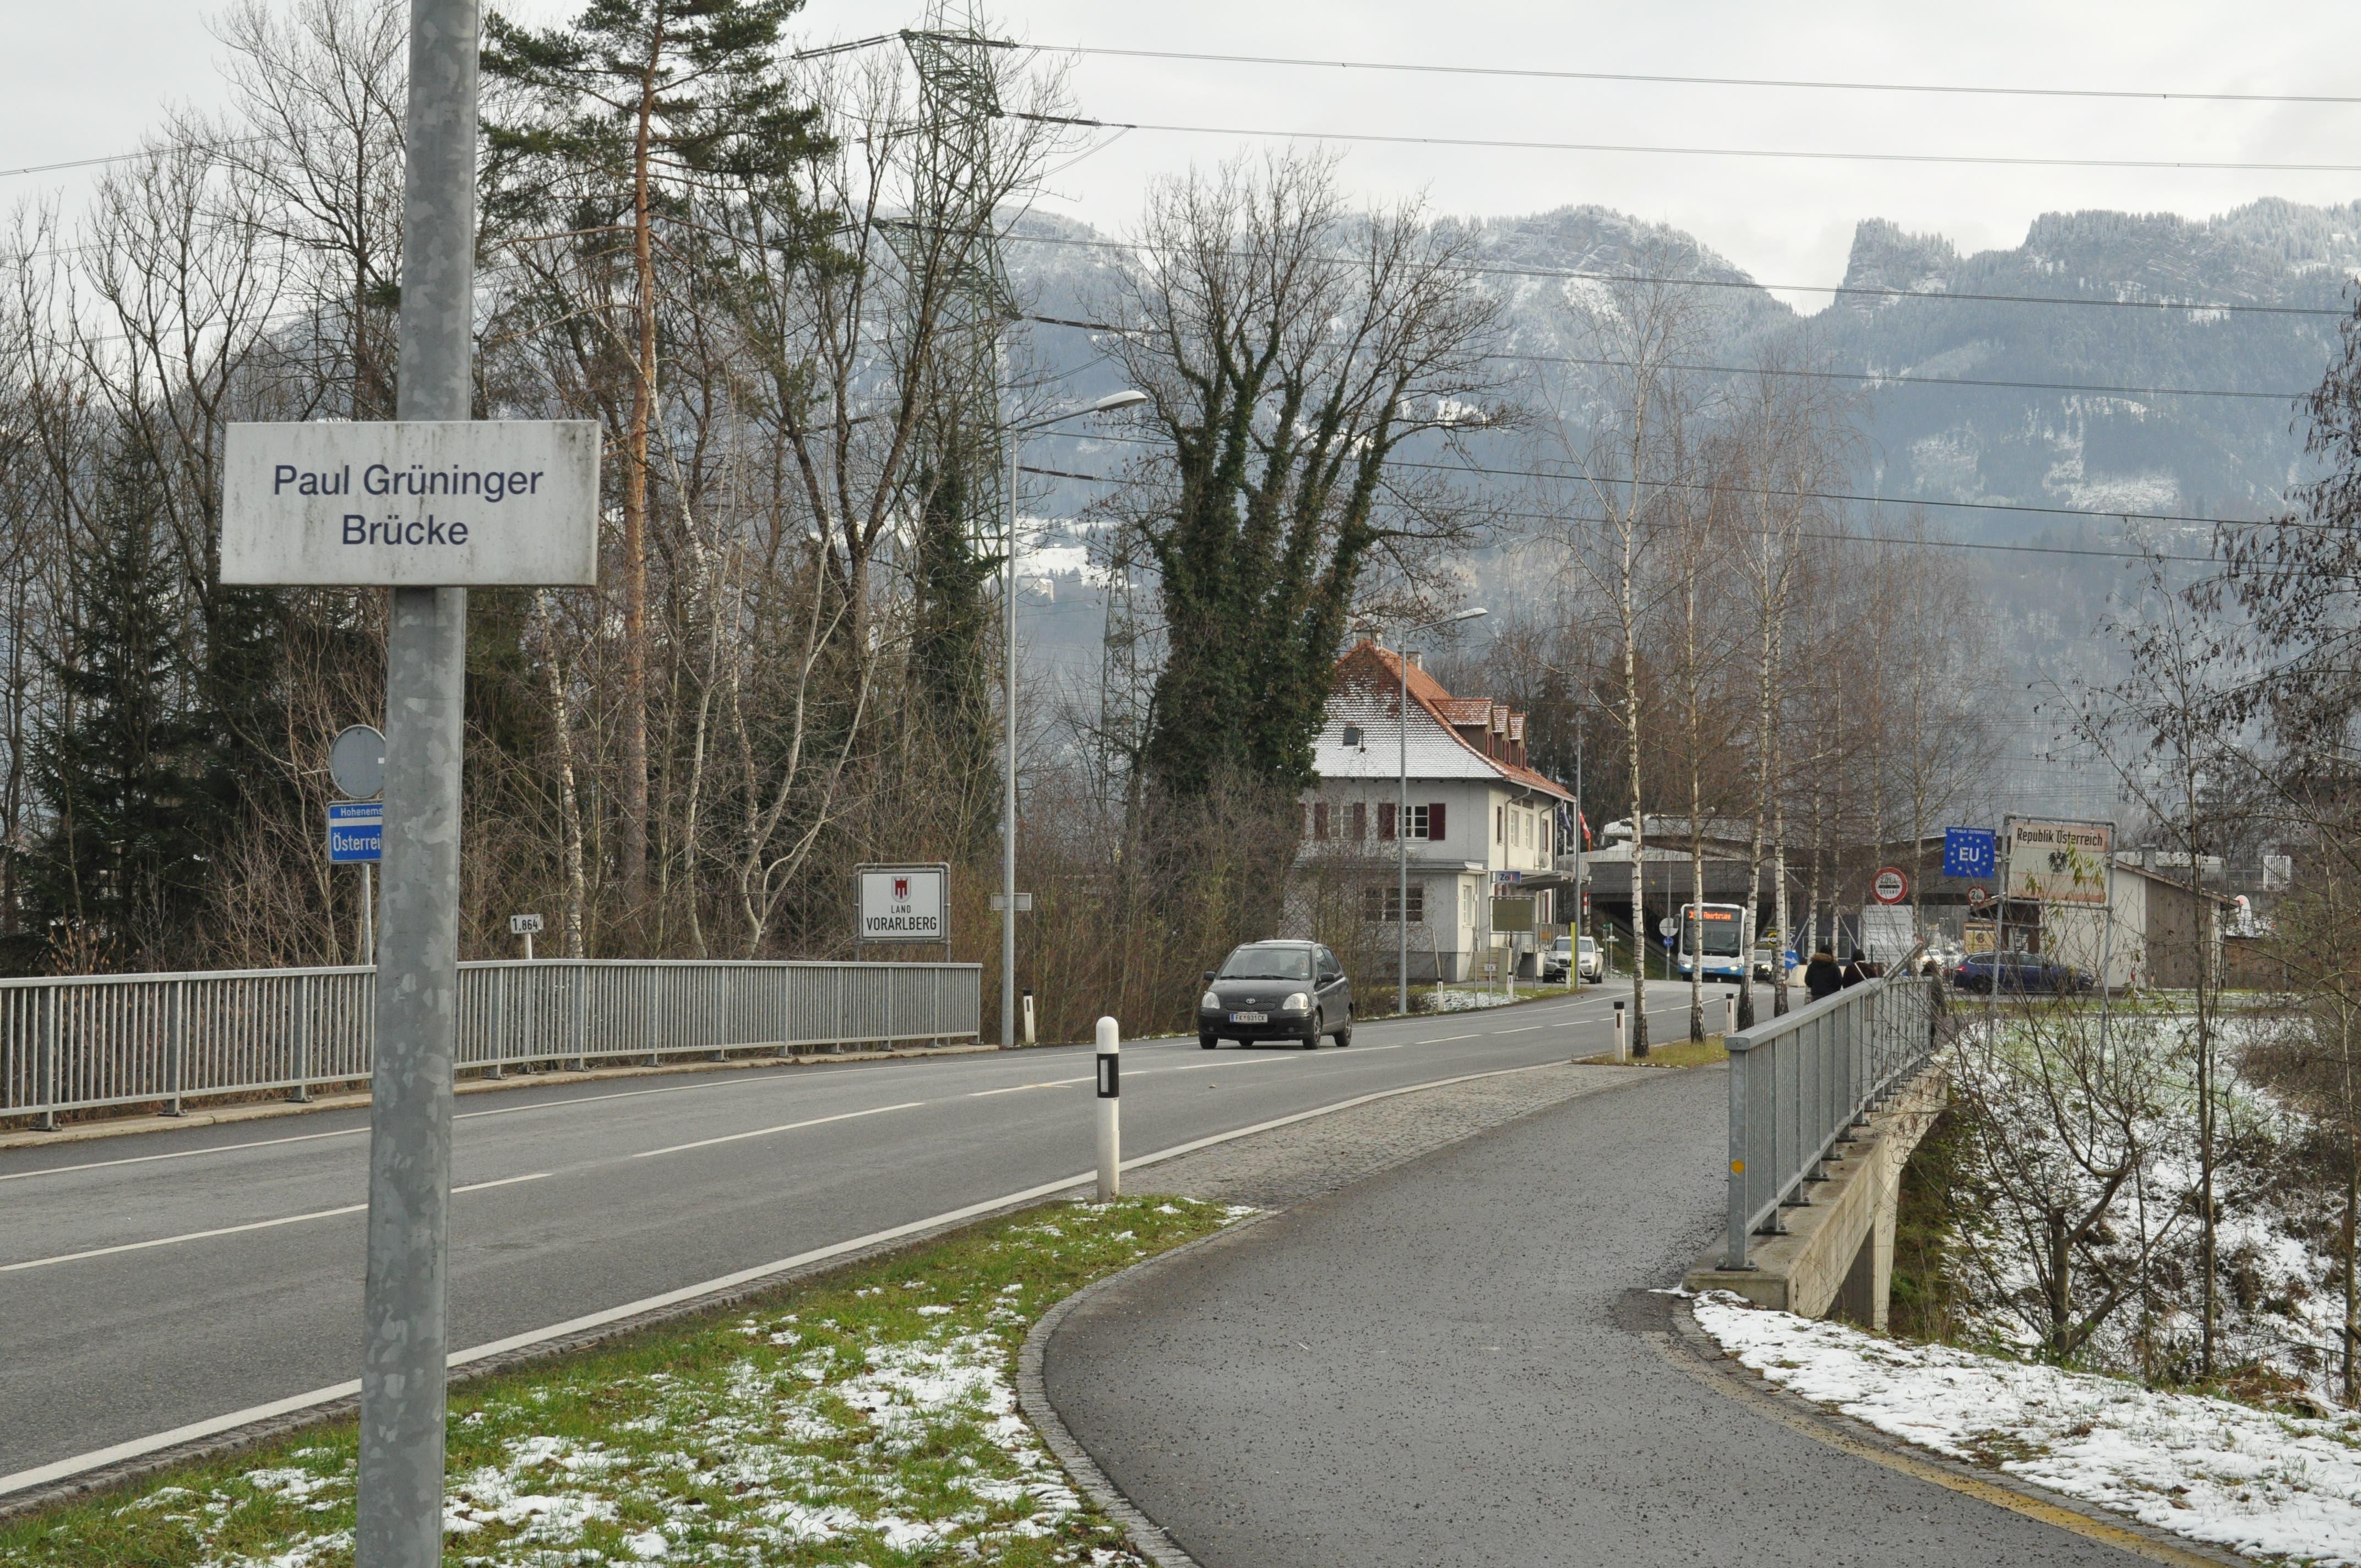 Der Weg führt über die Paul Grüninger Brücke nach Vorarlberg. (Bilder: Valentina Thurnherr)